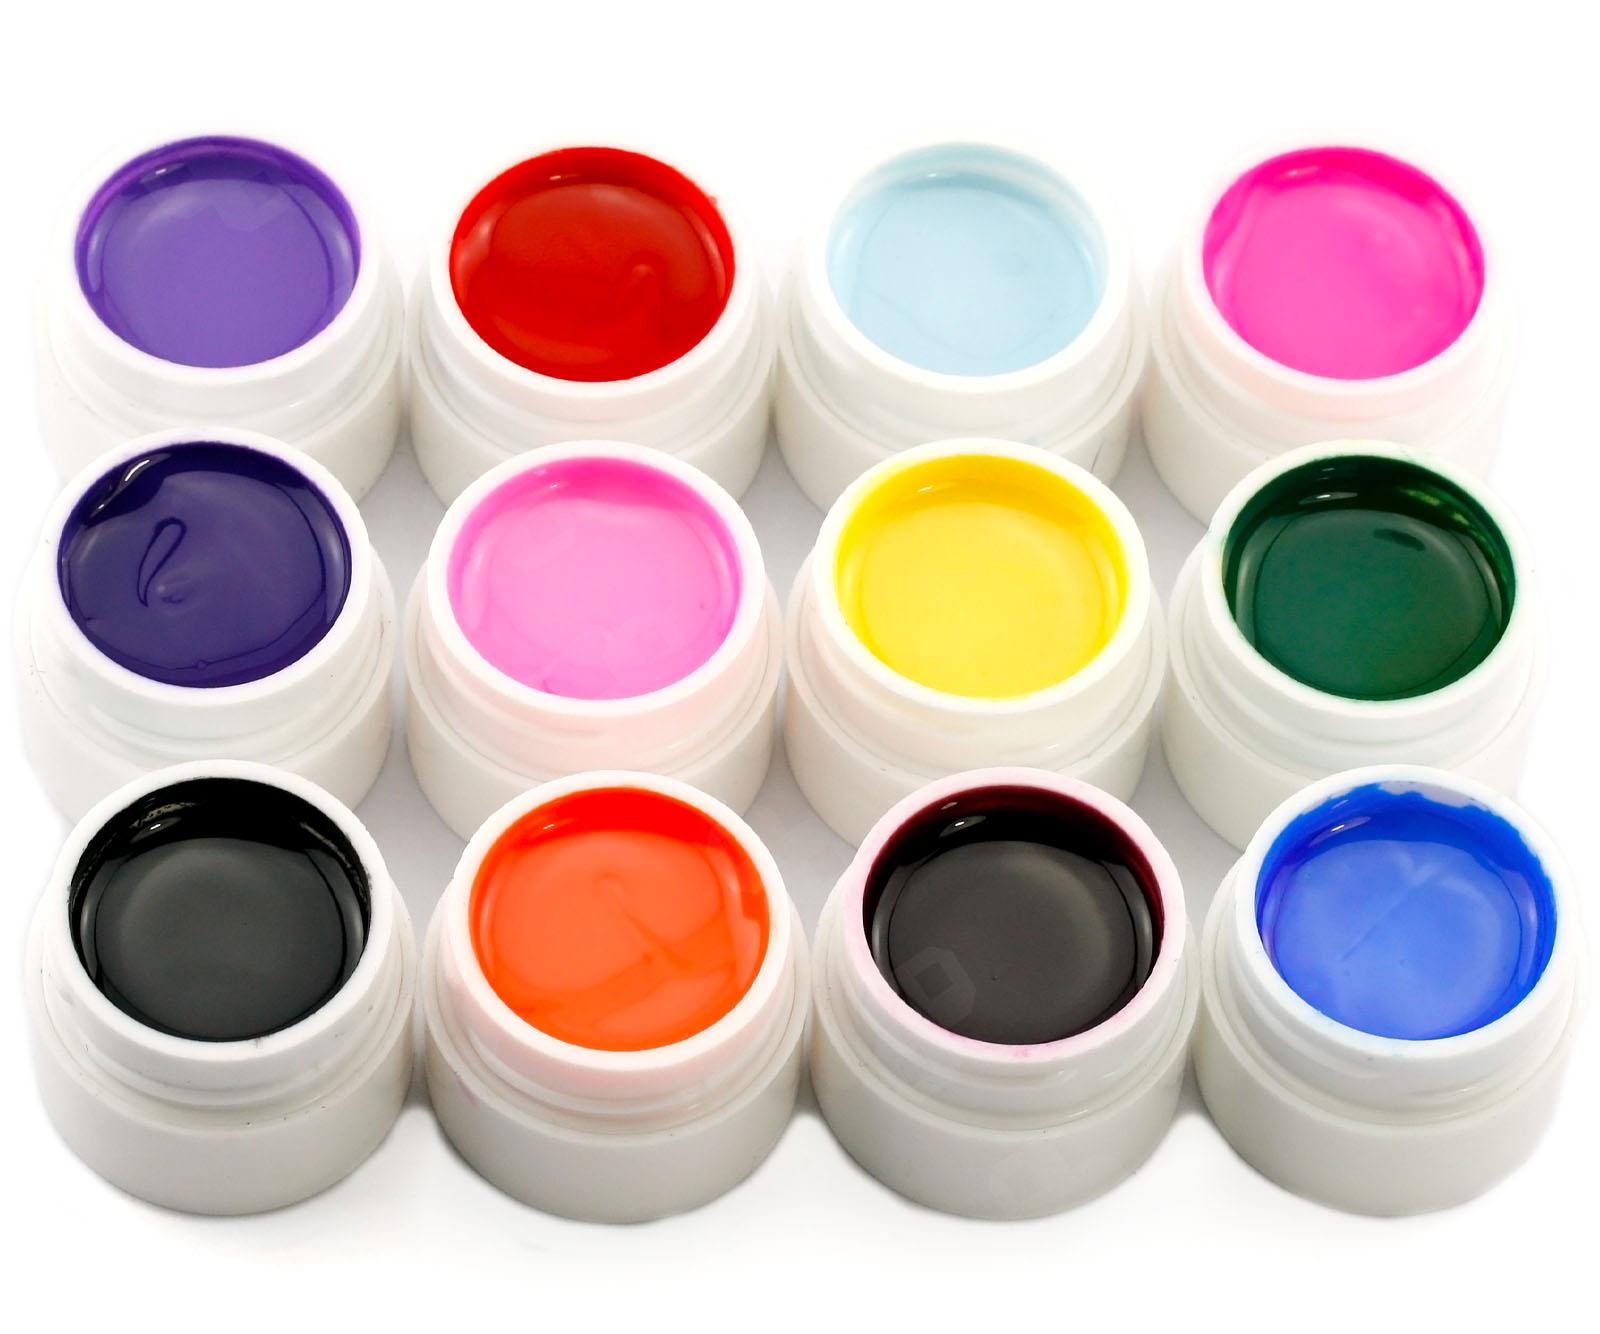 new 28 uv nail art gel set pure sparkle color uv builder nail tips gel set uk ebay. Black Bedroom Furniture Sets. Home Design Ideas